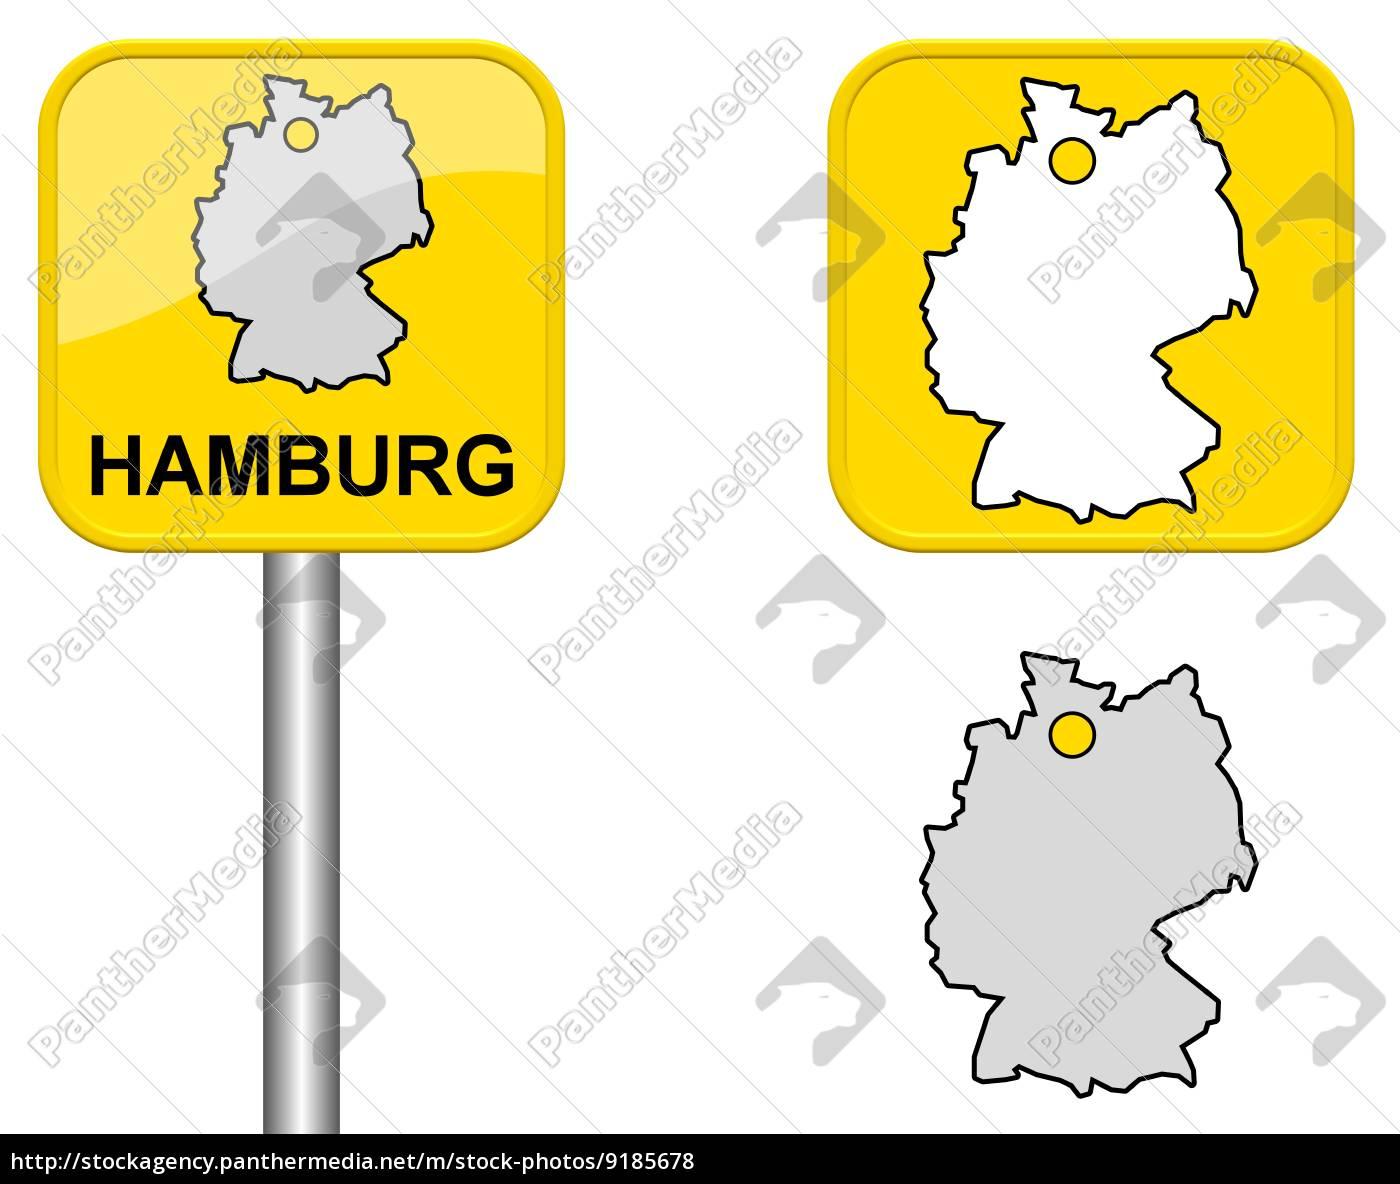 Lokalt Skilt Kort Over Tyskland Og Knap I Hamburg Stockphoto